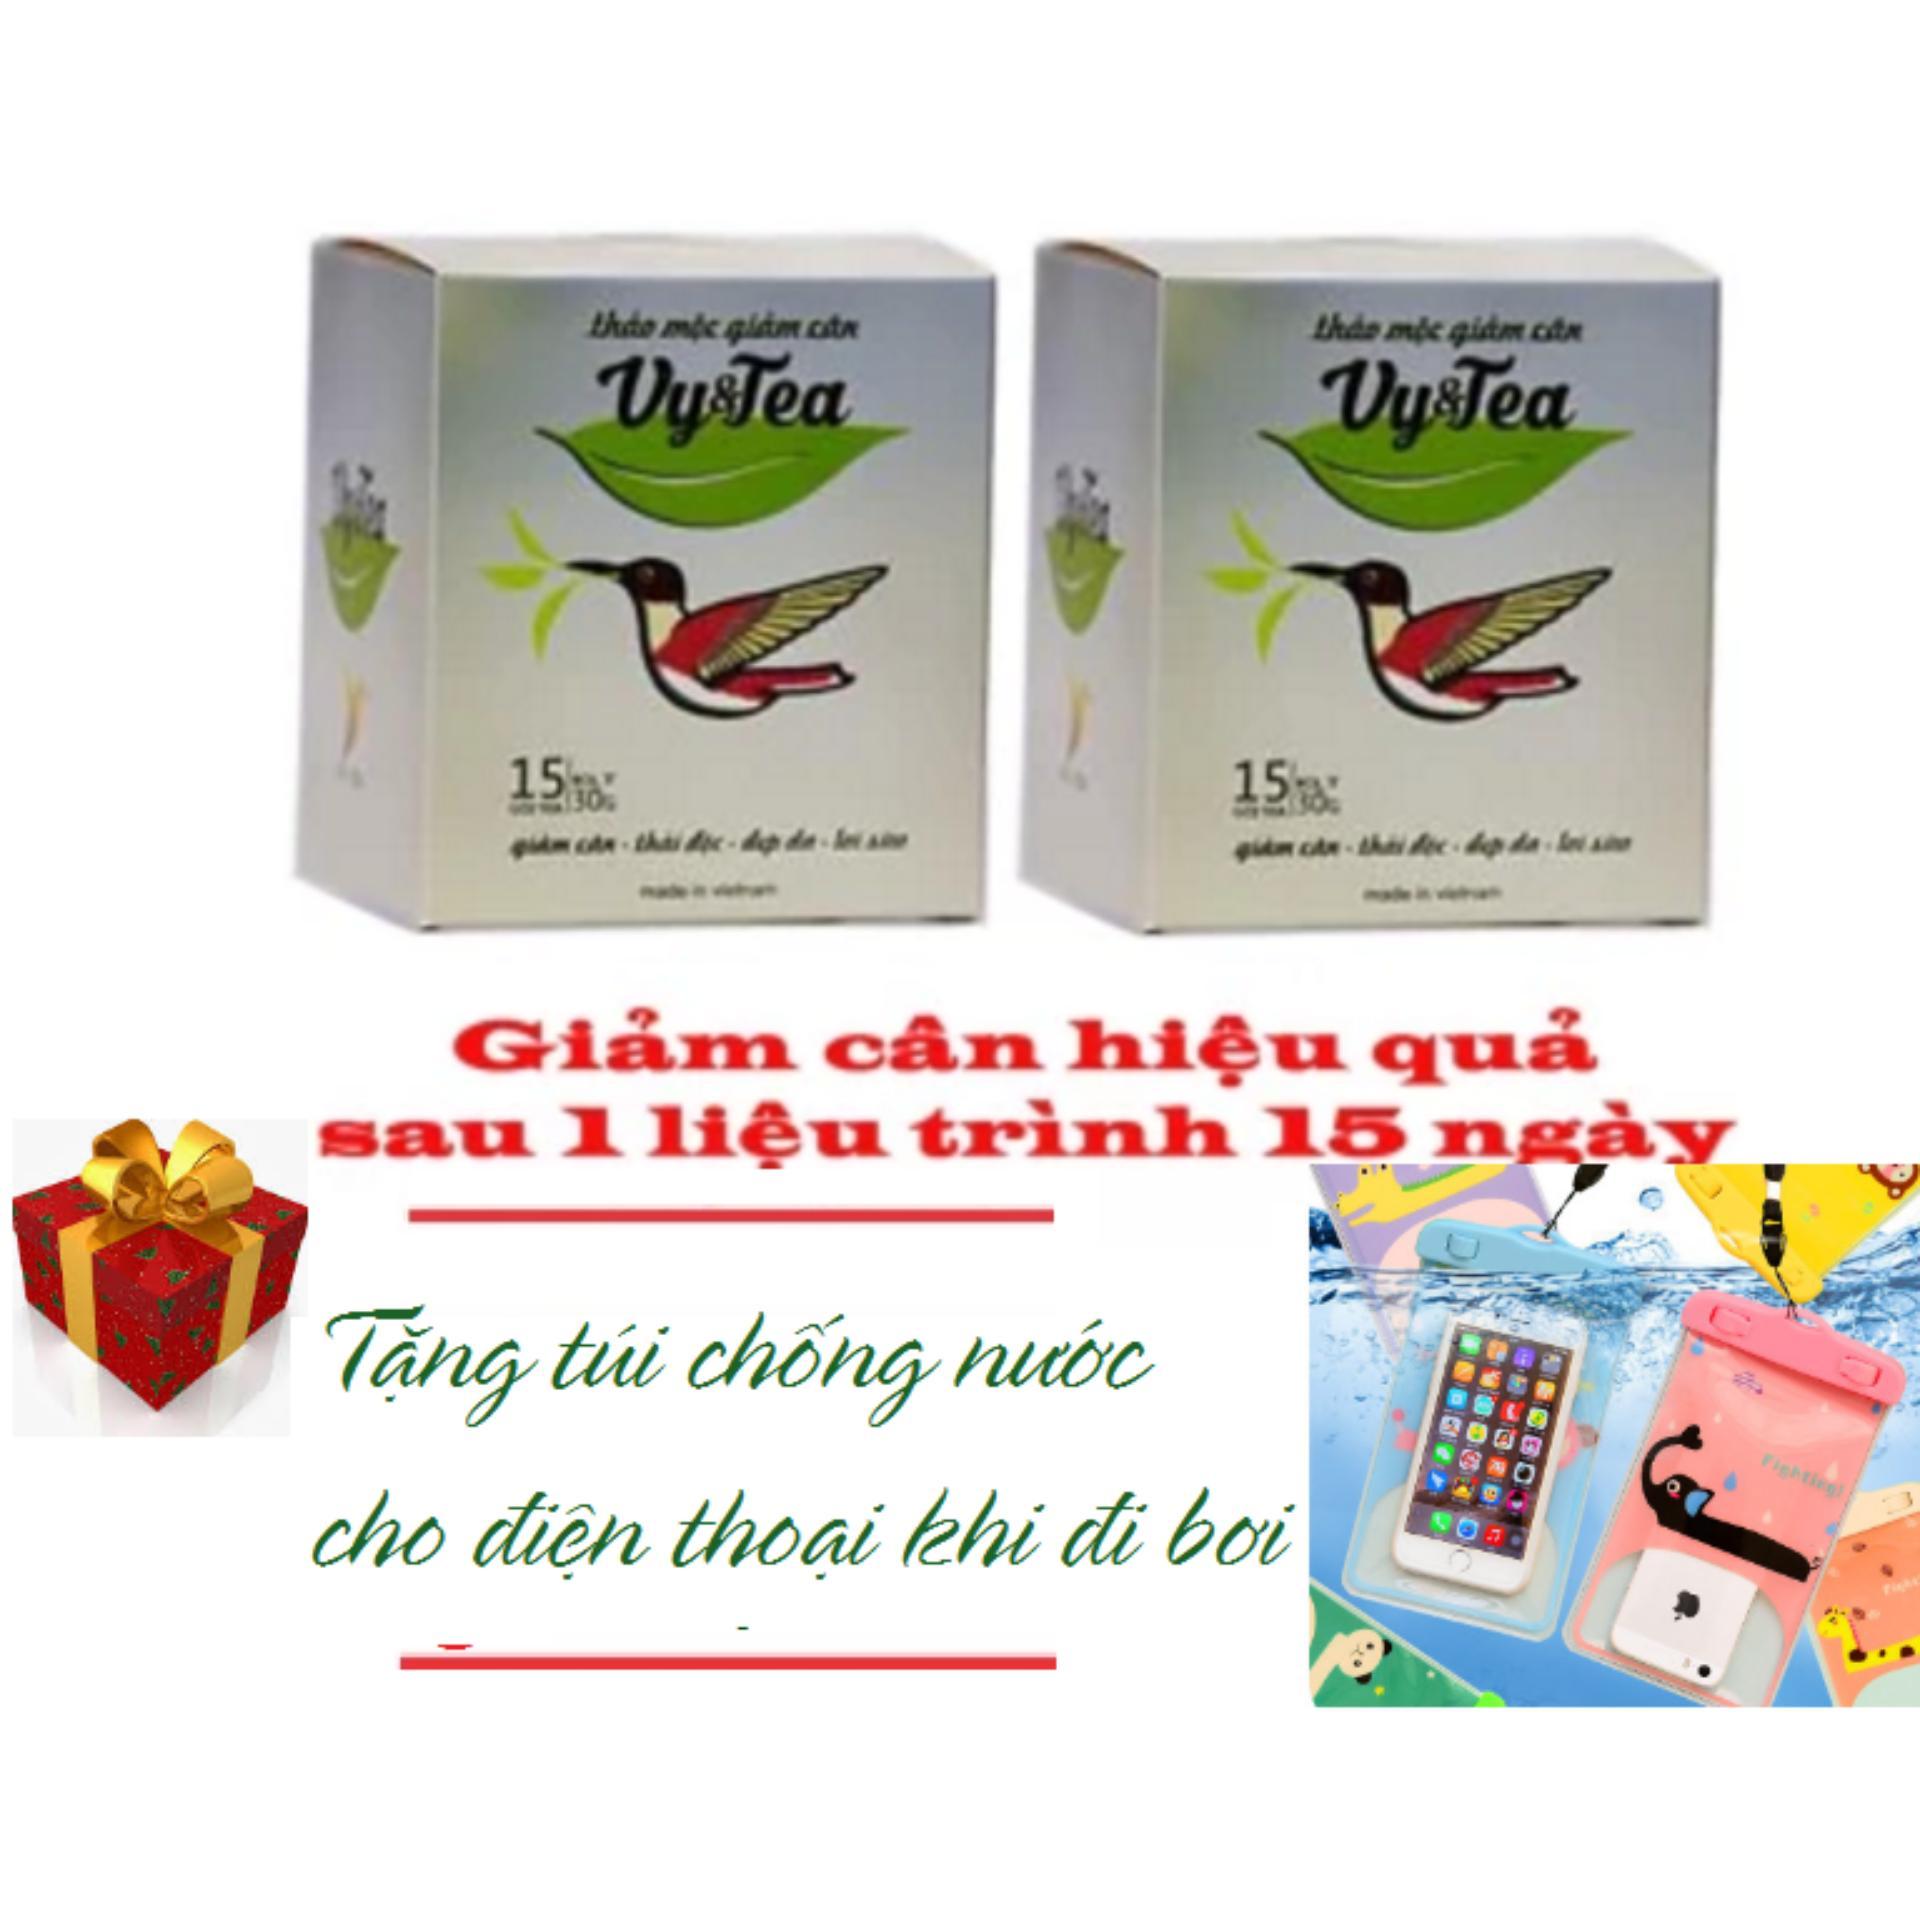 Combo 2 hộp Trà thảo mộc giảm cân Vy & Tea – HÀNG CHÍNH HÃNG – Tặng Túi Chống Nước Cho Điện Thoại Khi Đi Bơi